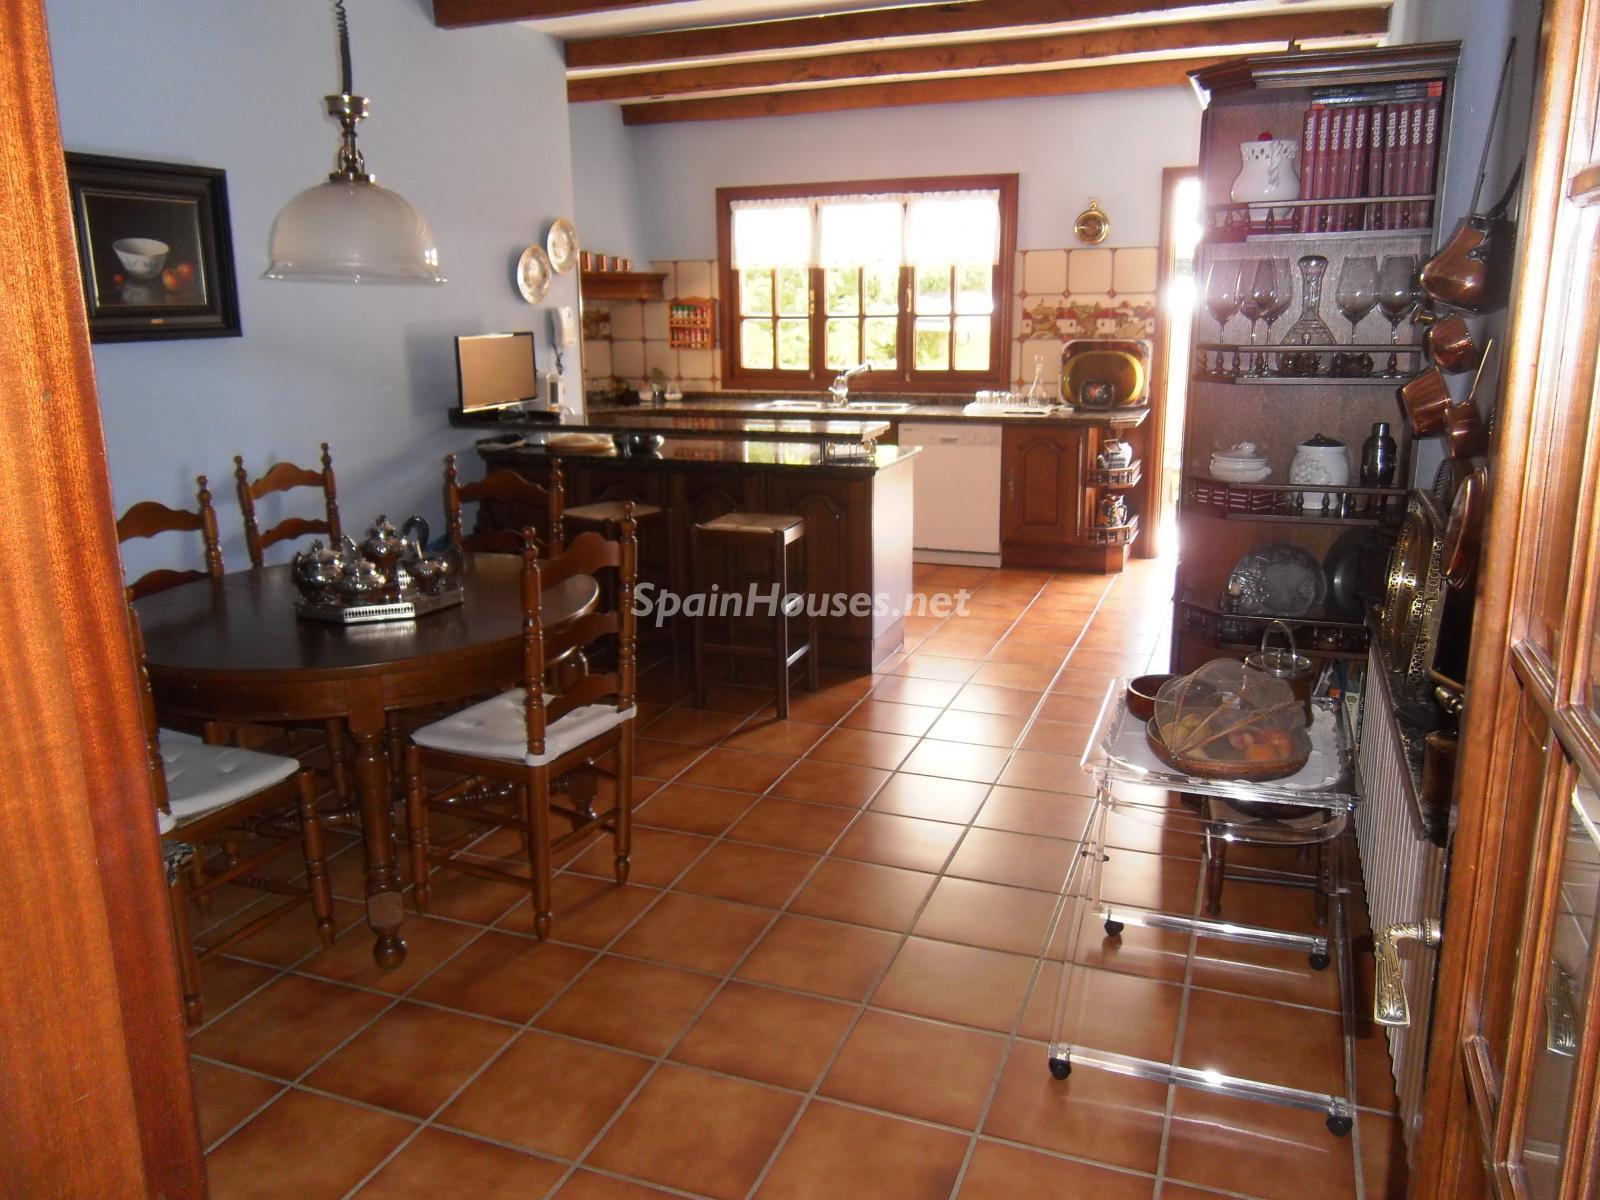 Foto 46 - Chalet independiente en venta en Oleiros, Ref: 1825929